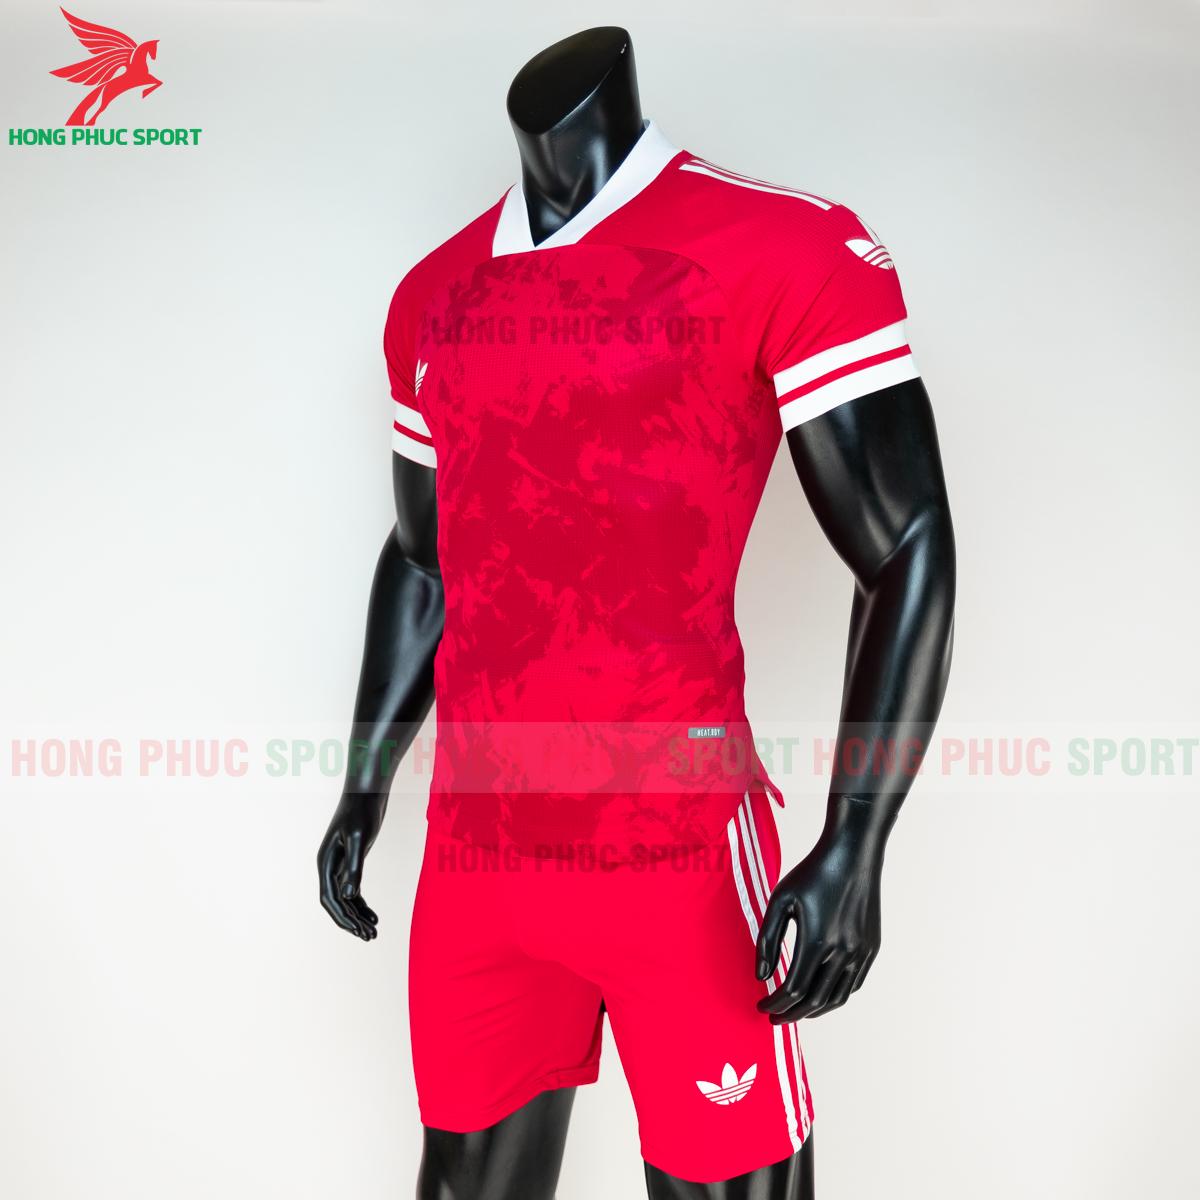 Áo đá banh không logo Condivo ba lá Adidas 2020 2021 mẫu 4 (trái)